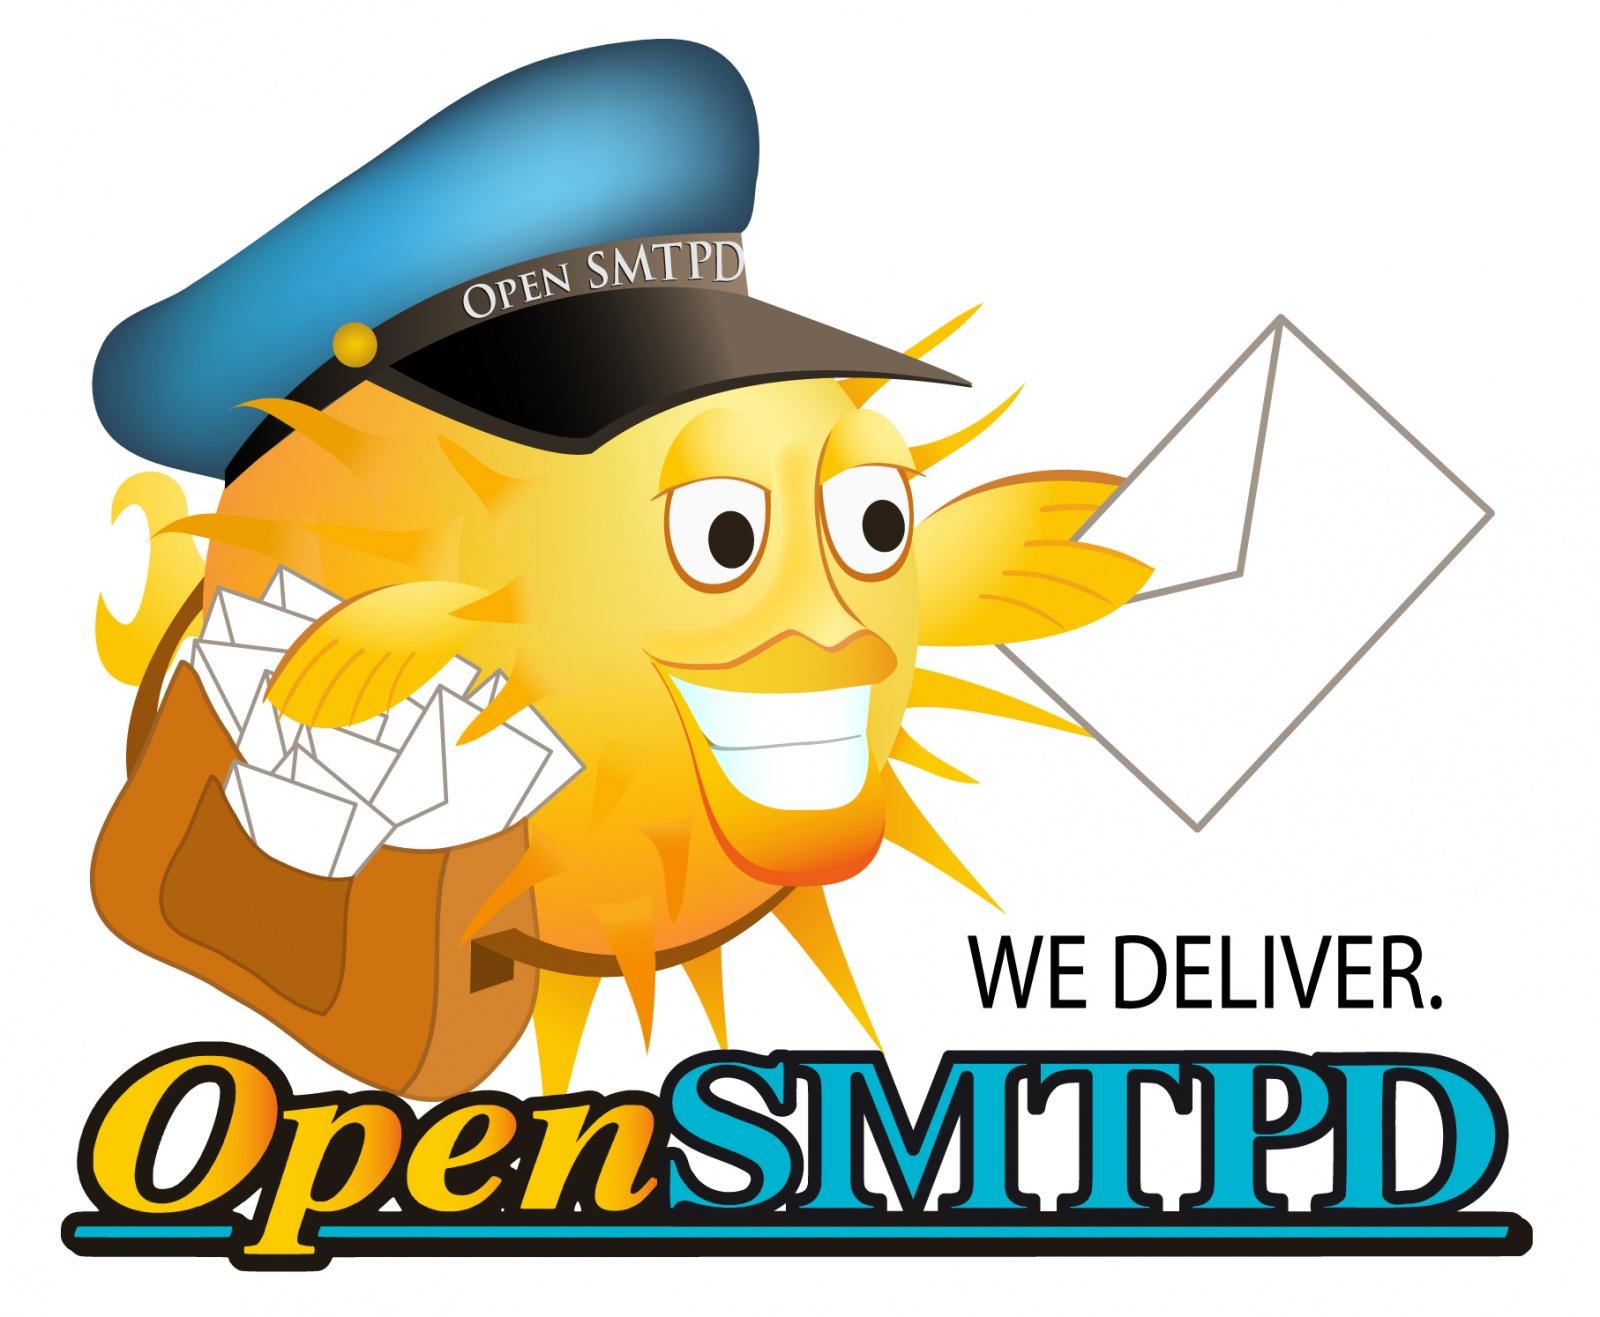 OpenSMTPD + UW IMAP как альтернатива тяжелым почтовым системам - 1